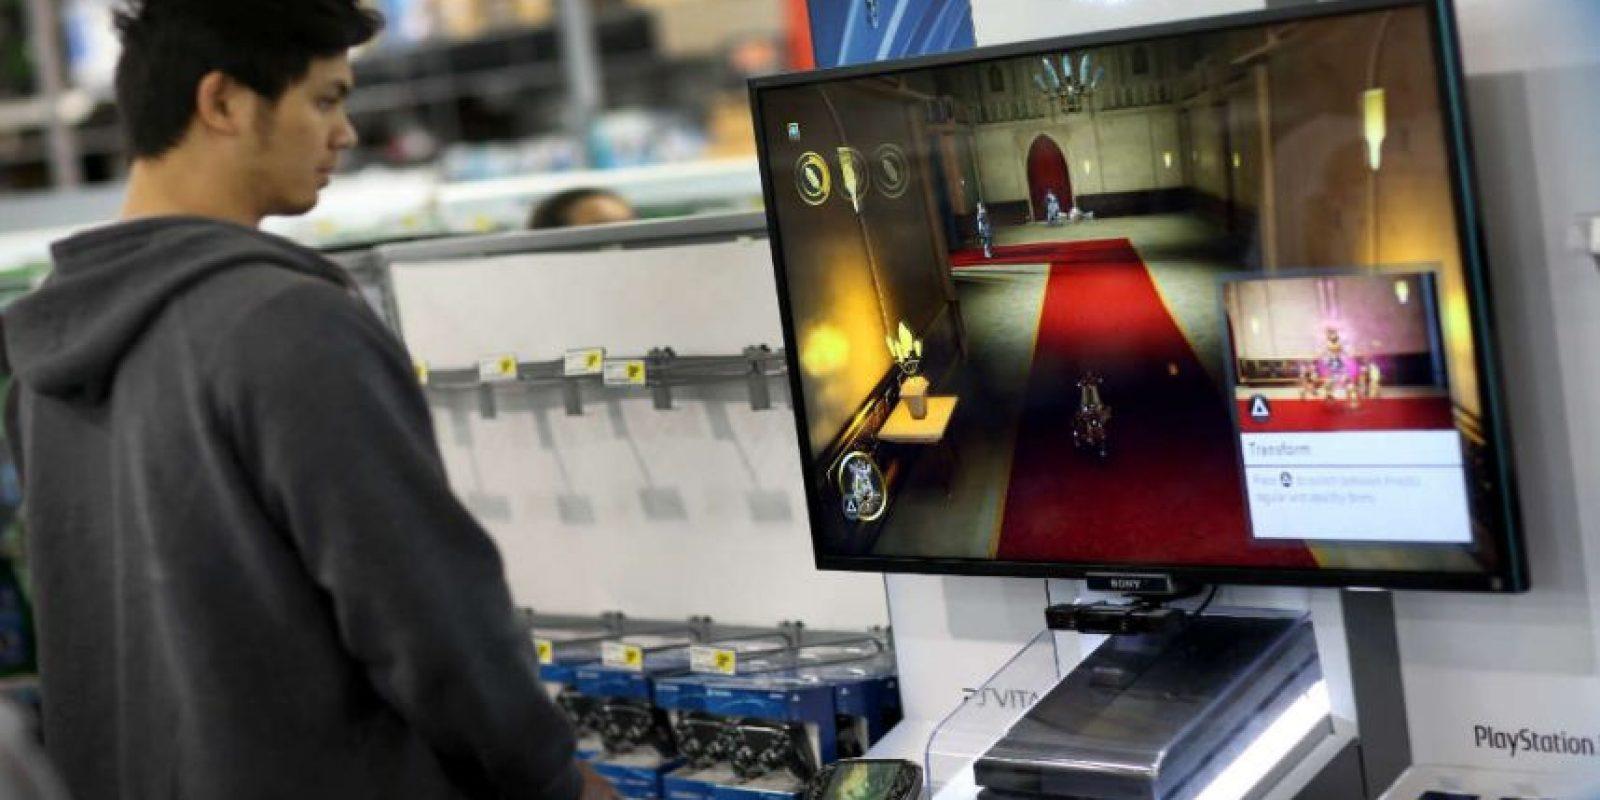 El lanzamiento del PS4 fue el más grande de la historia al lograr 2,1 millones de consolas vendidas en sólo 18 días. Foto:Getty Images